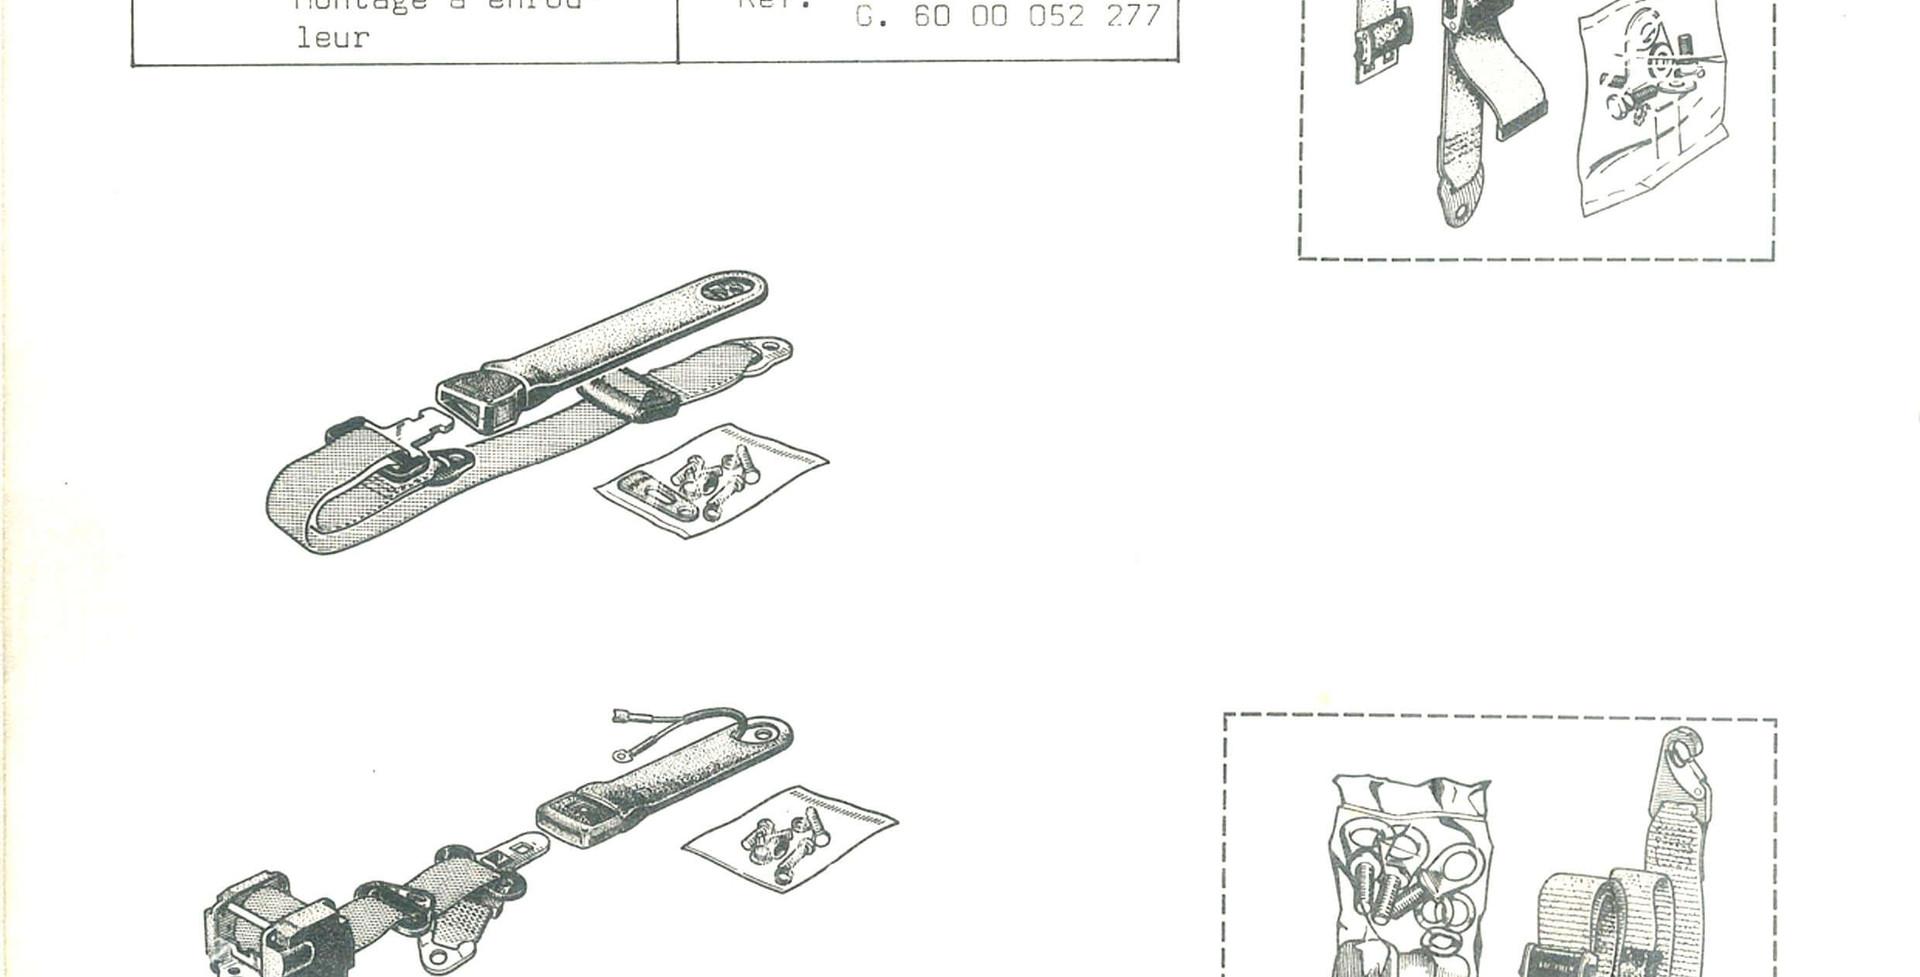 Accessoires compet.41.jpg